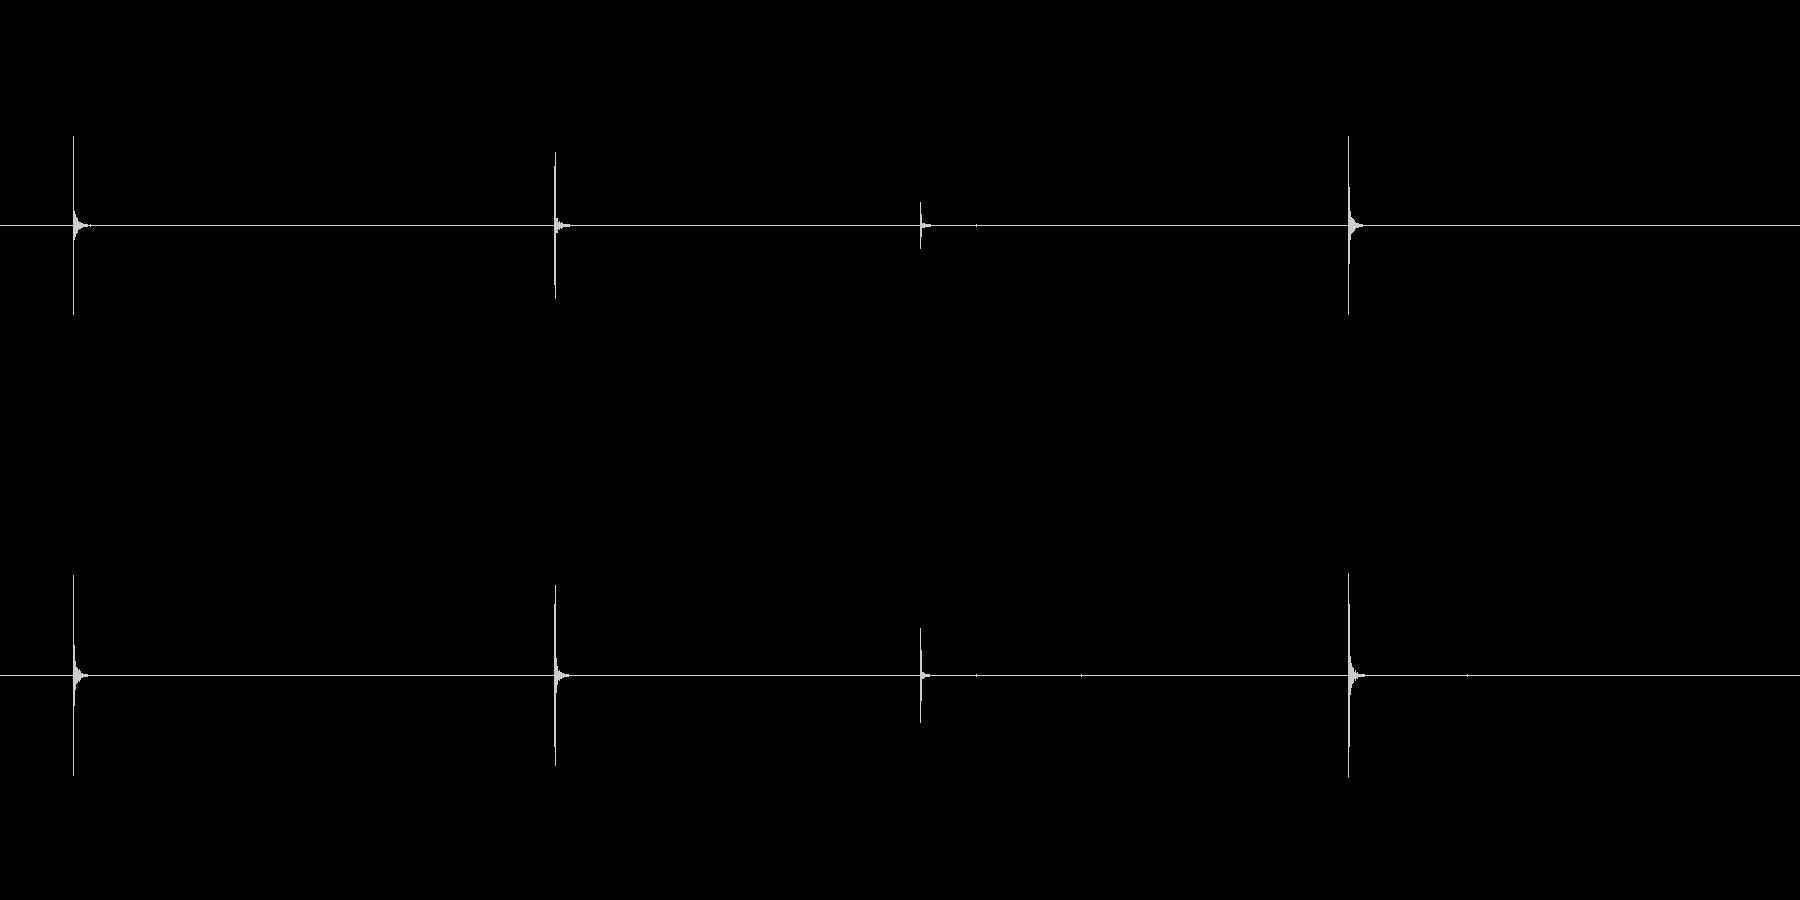 ツール、ワイヤーカッター、ワイヤー...の未再生の波形